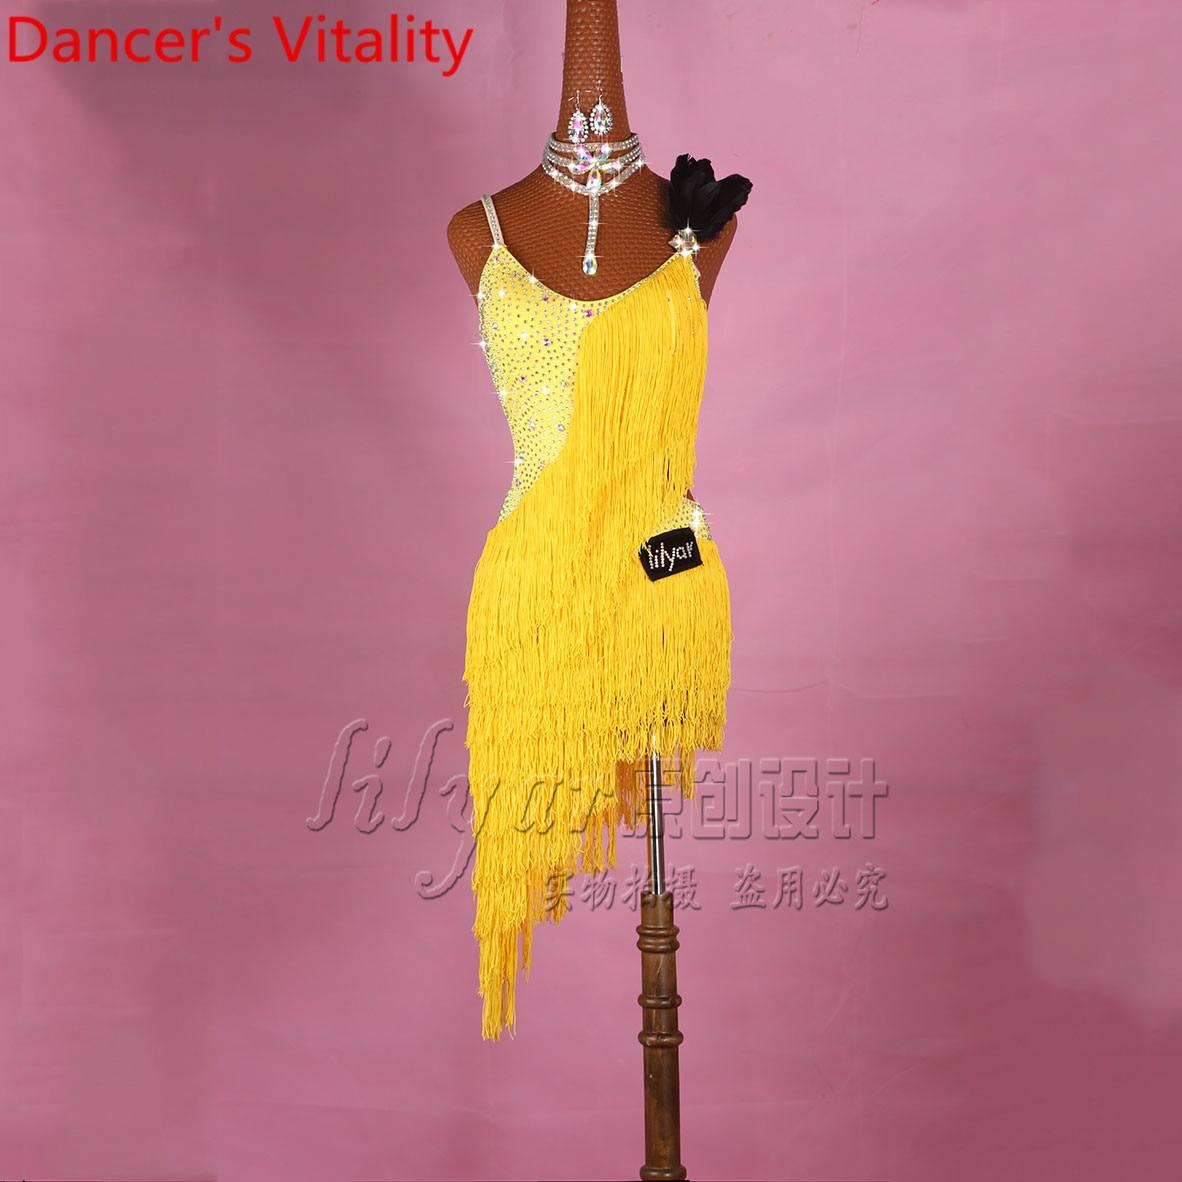 الحاضر اللاتينية فستان رقص للسيدات شرابة حجر الراين التنانير النساء رومبا السامبا تانغو تشا تشا الرقص المنافسة زي